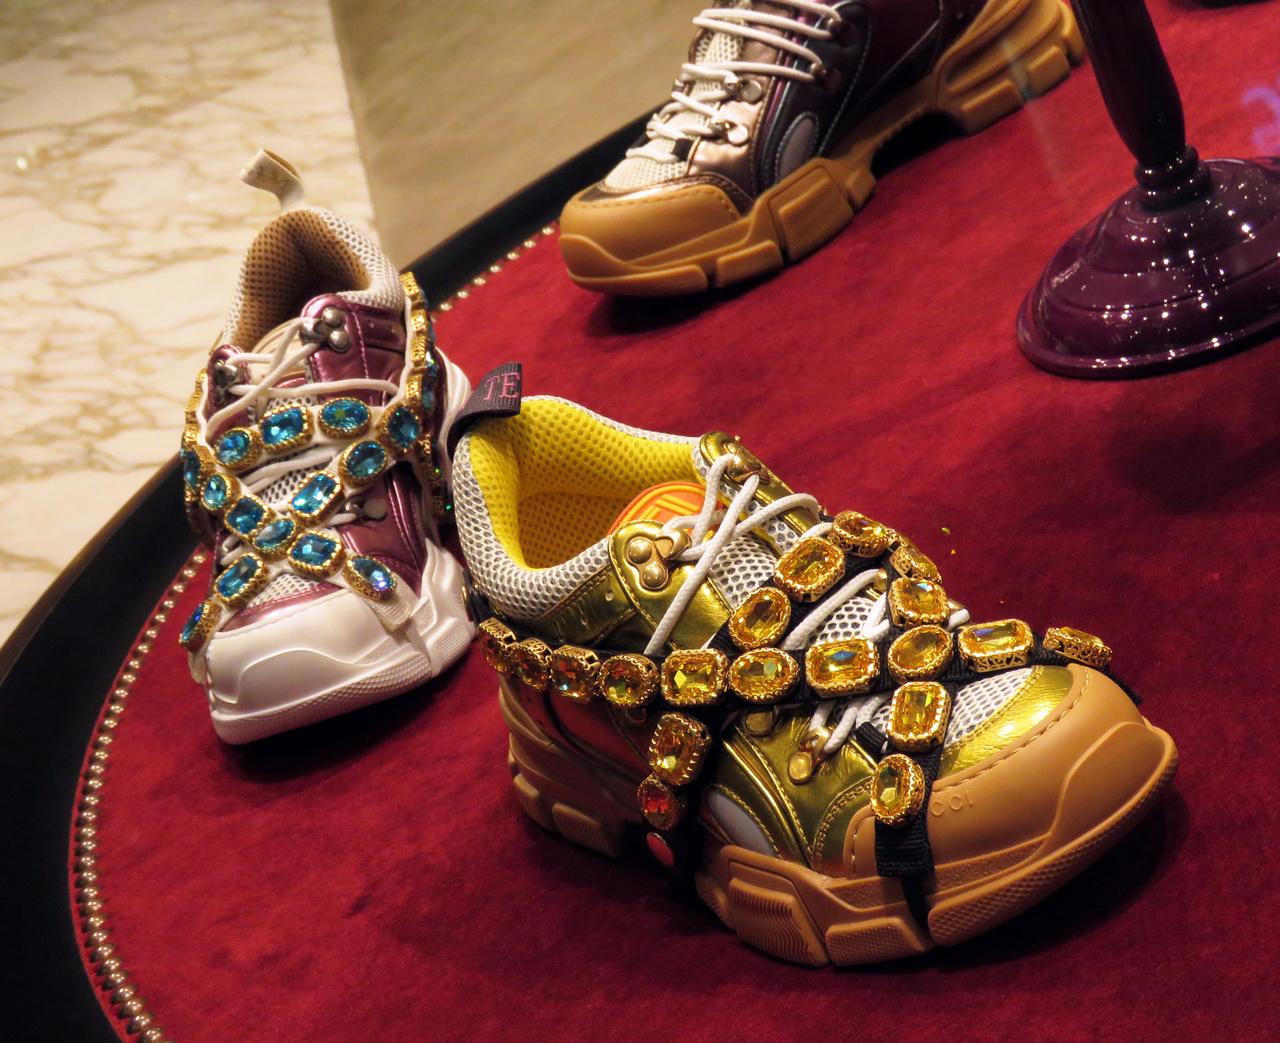 Jármű ez is, a lábnak. A jó túrázás alapja a megfelelő cipő – szerencsére találtunk ilyeneket a Dubai Mall egyik üzletében. Ez aztán kiragyog a sivatag homokjából, megtörvén annak egyhangúságát!